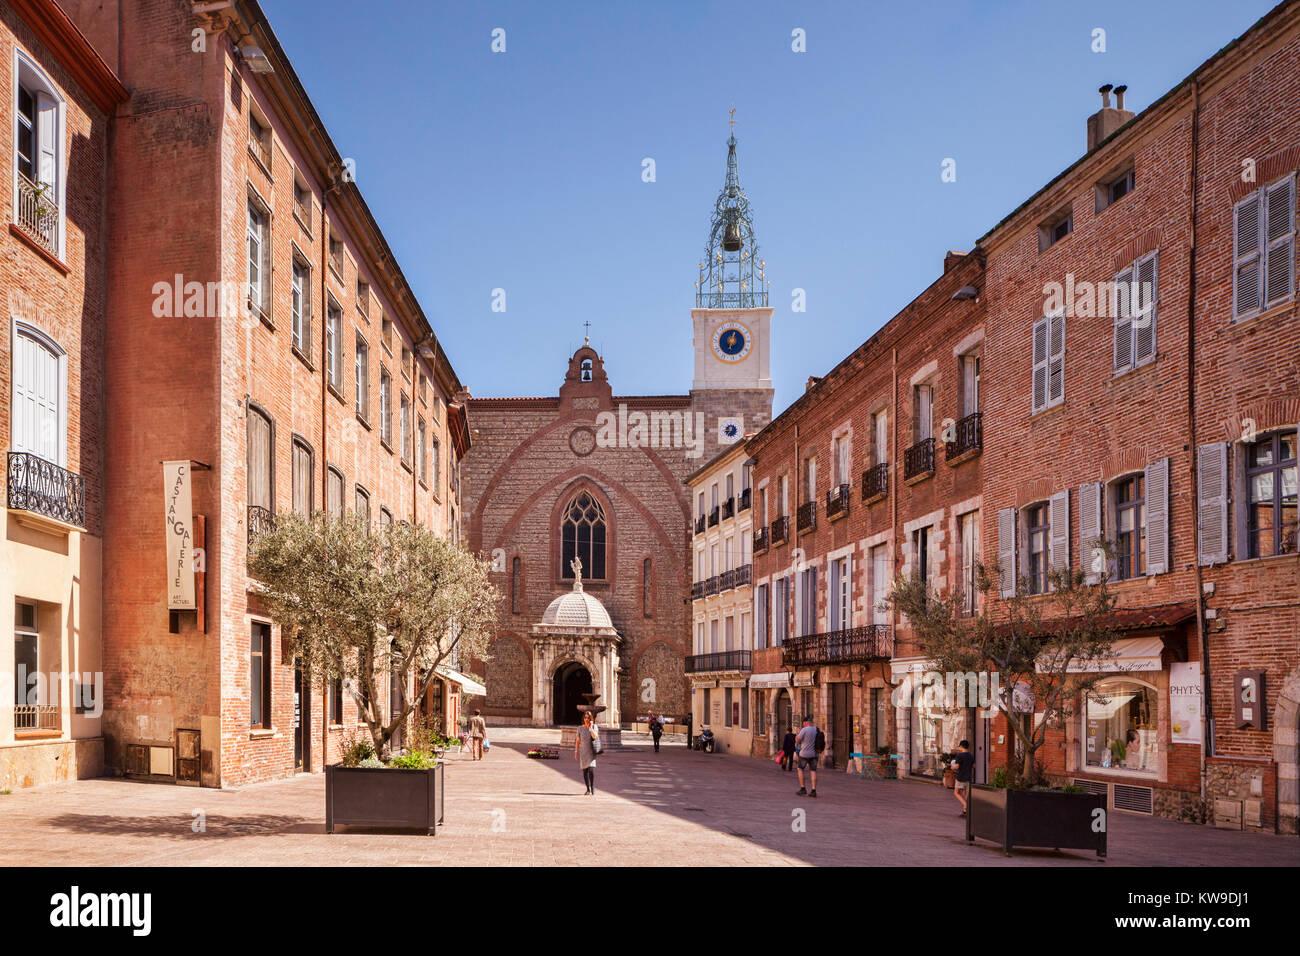 Ort Leon Gambetta und den Dom Basilika St. Johannes der Täufer, Perpignan, Languedoc-Roussillon, Pyrenees-Orientale, Stockbild